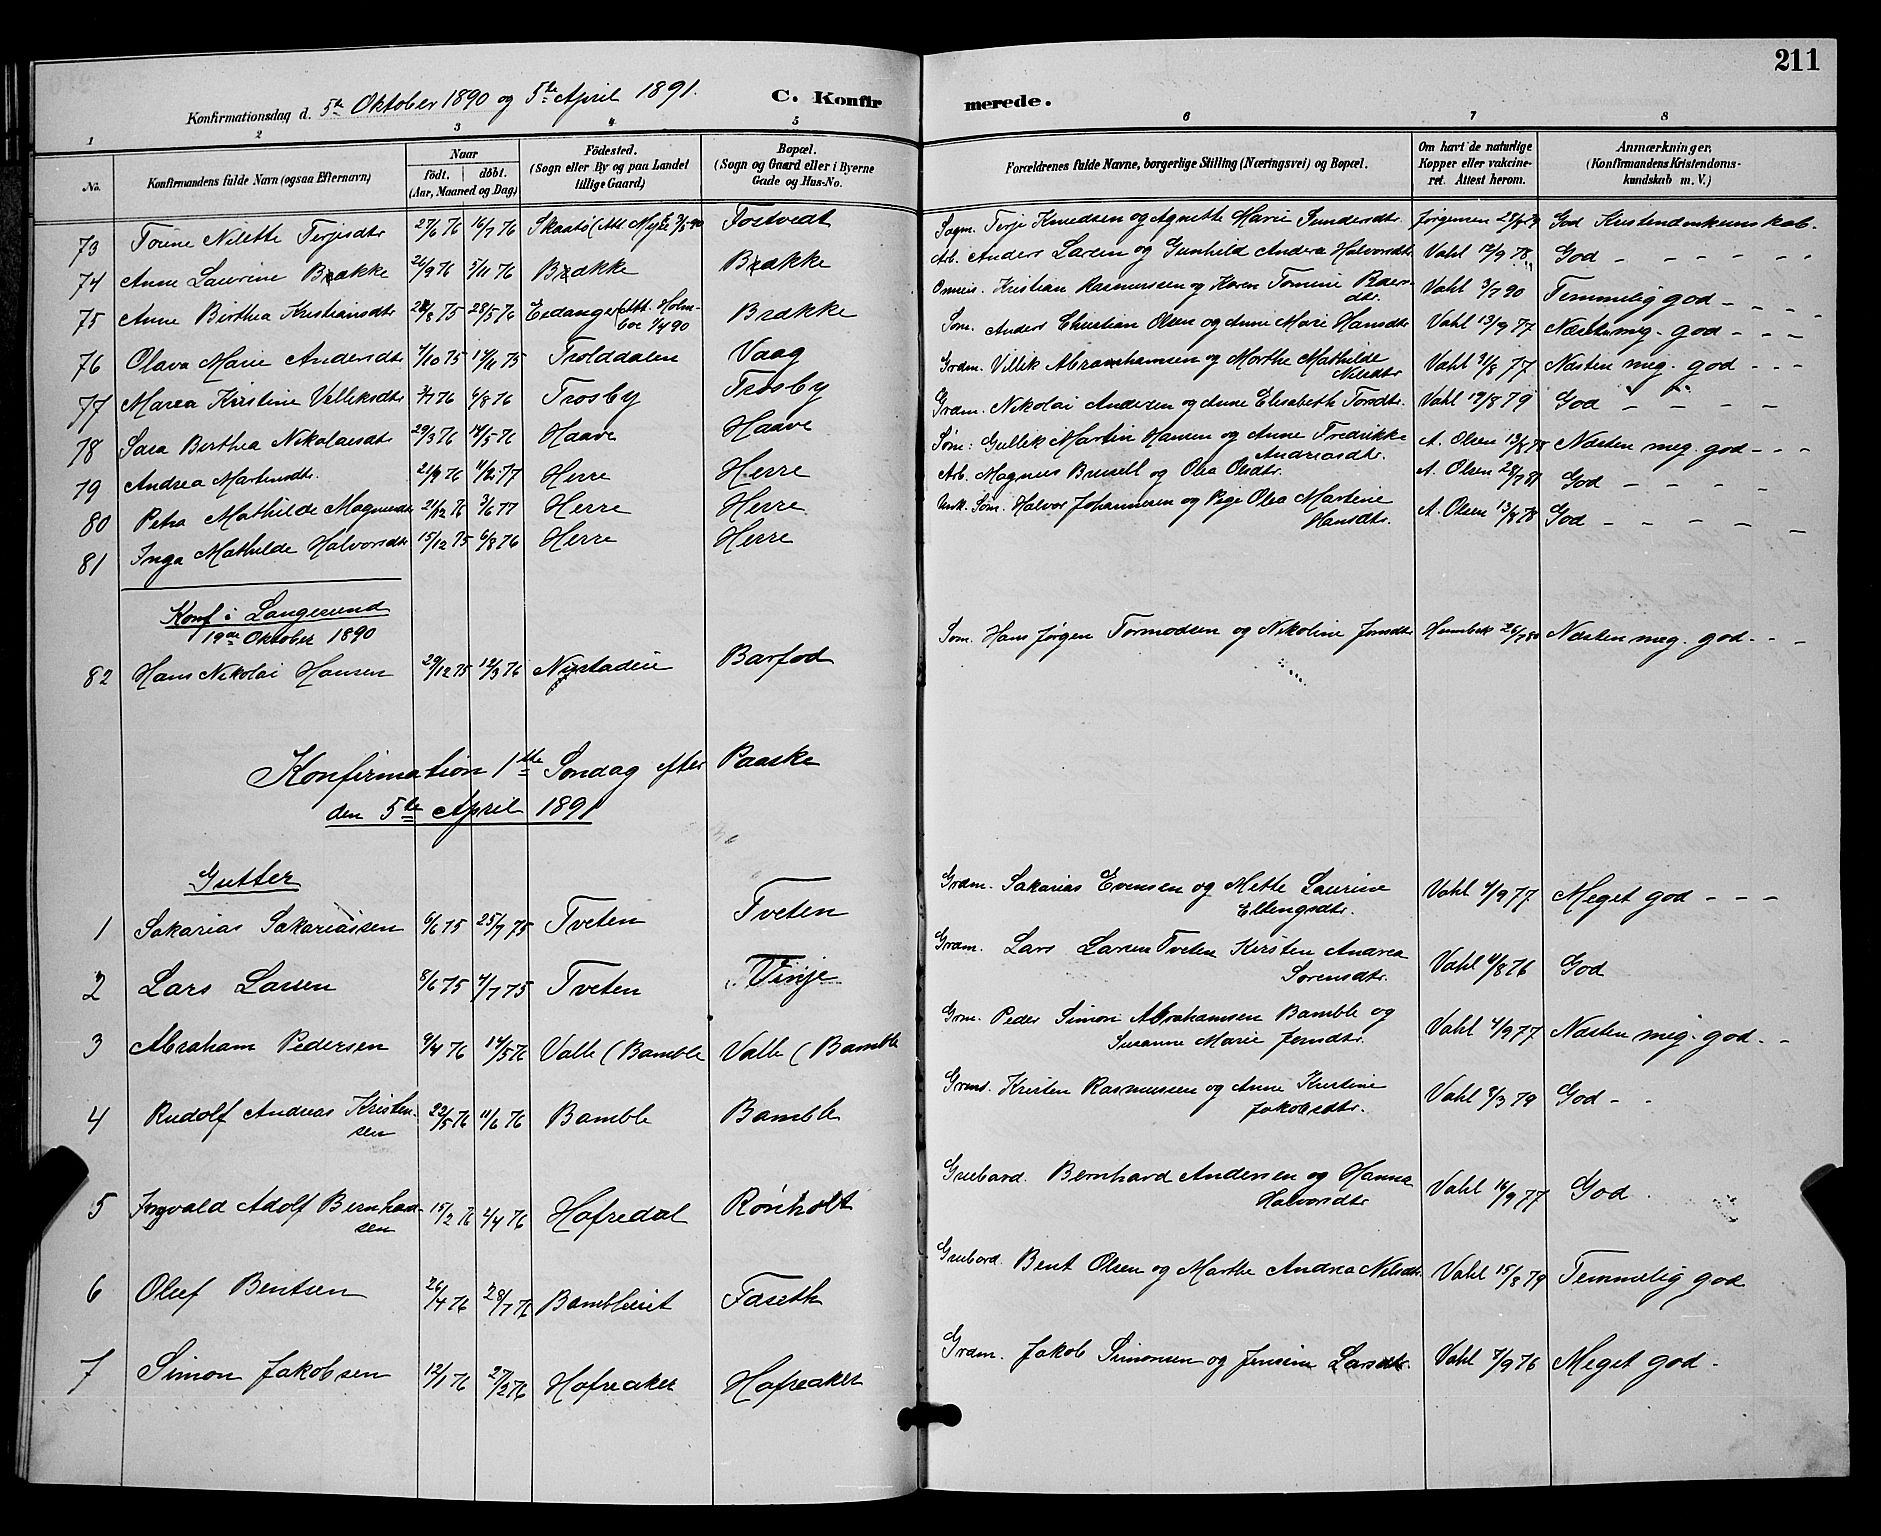 SAKO, Bamble kirkebøker, G/Ga/L0009: Klokkerbok nr. I 9, 1888-1900, s. 211